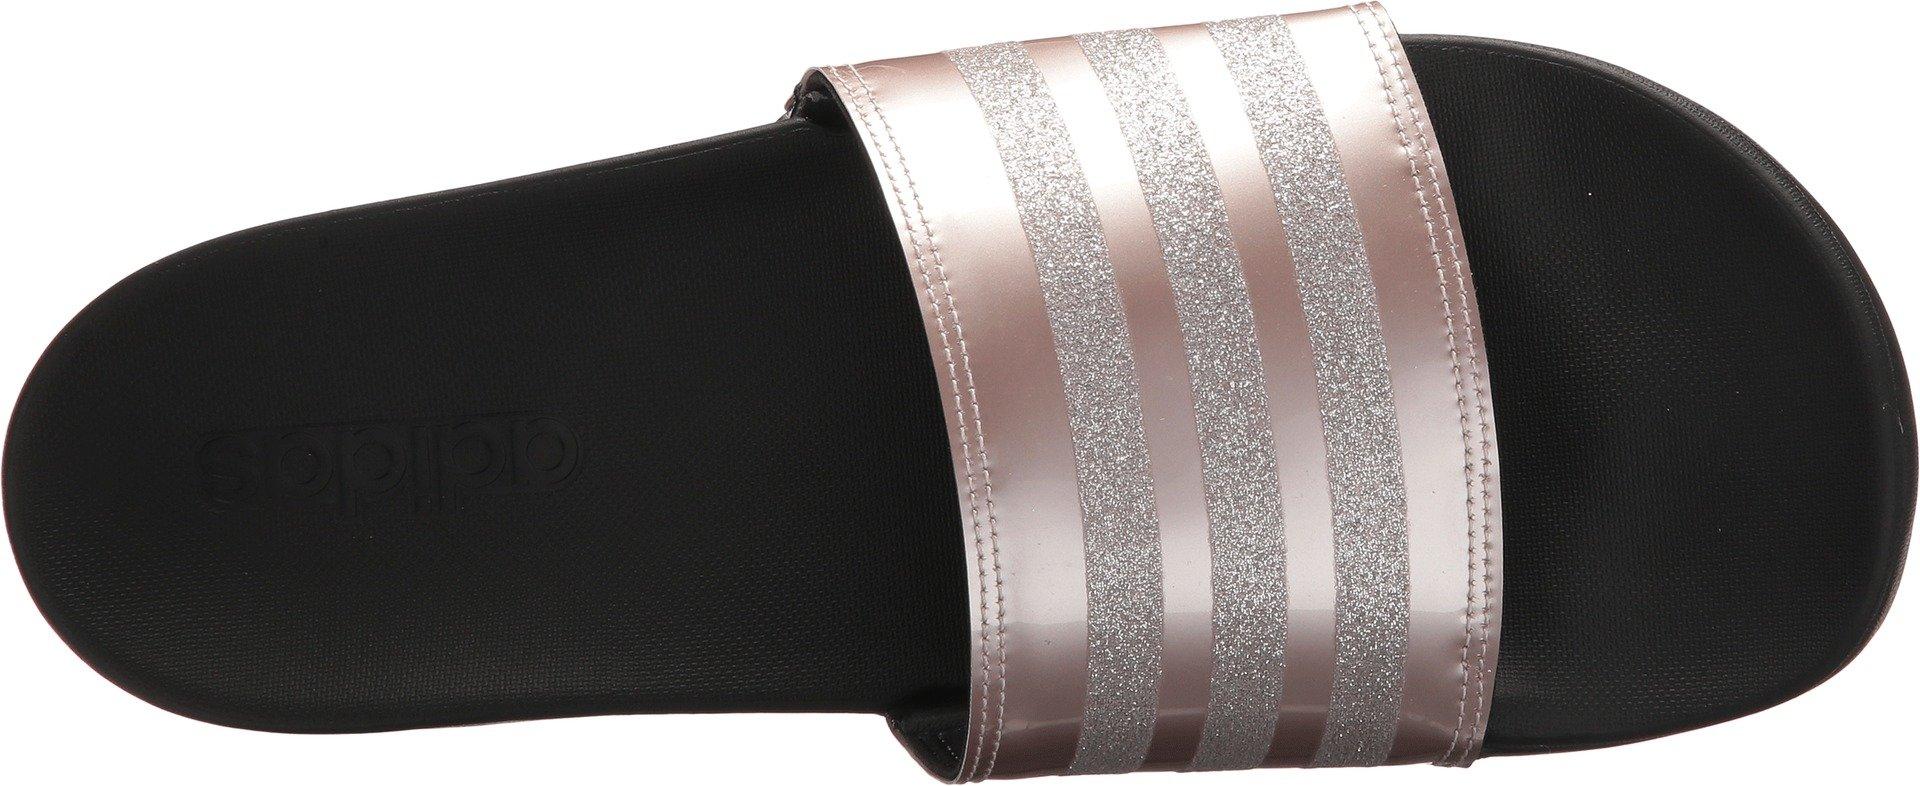 new arrival 005d3 e9f85 adidas Performance Womens Adilette CF+ Explorer W Sport Sandal, Vapour  Grey Met, Vapour Grey Met.Fabric, Core Black, 7 M US - B75679-054-7 M US   Sport ...